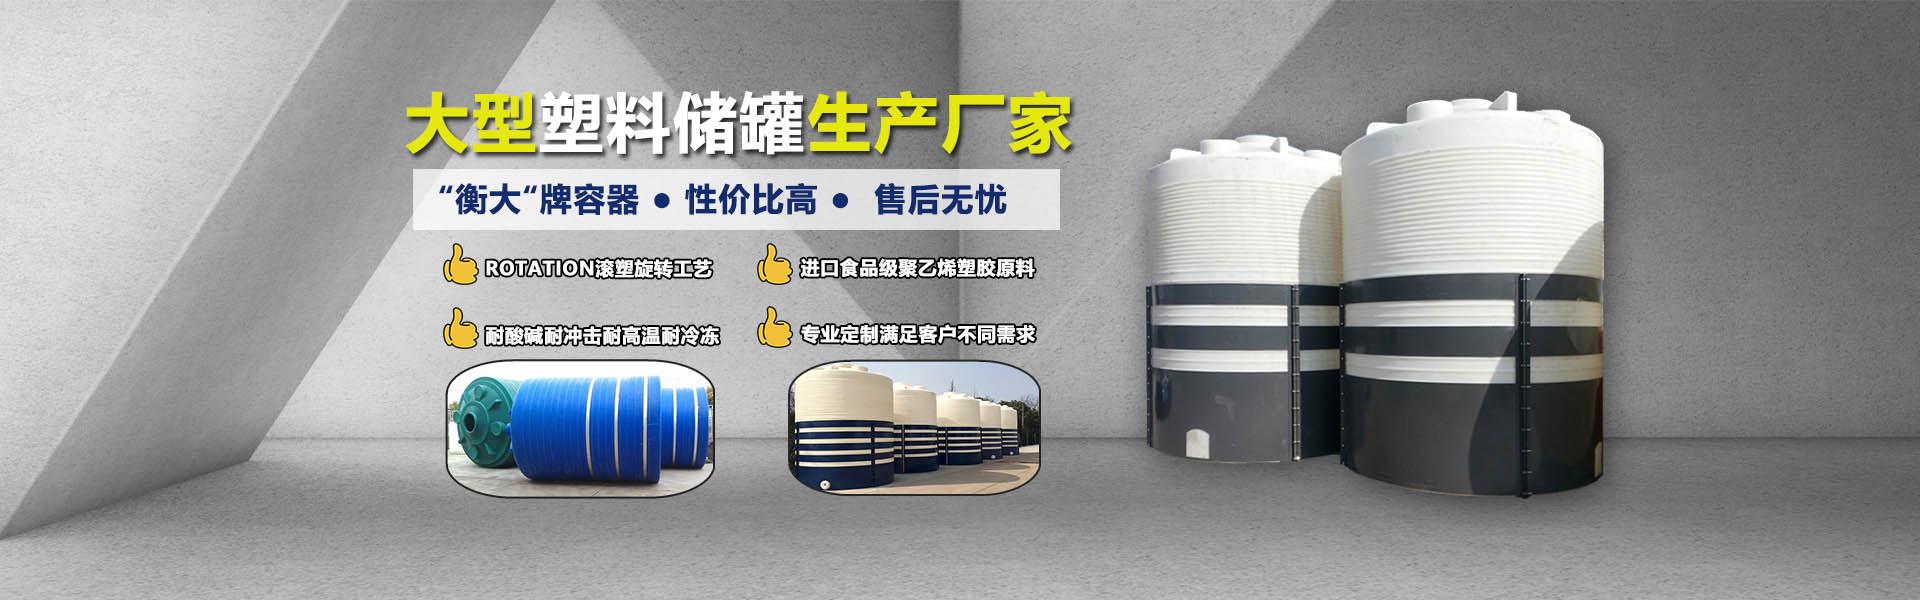 大型塑料储罐生产厂家-衡大容器